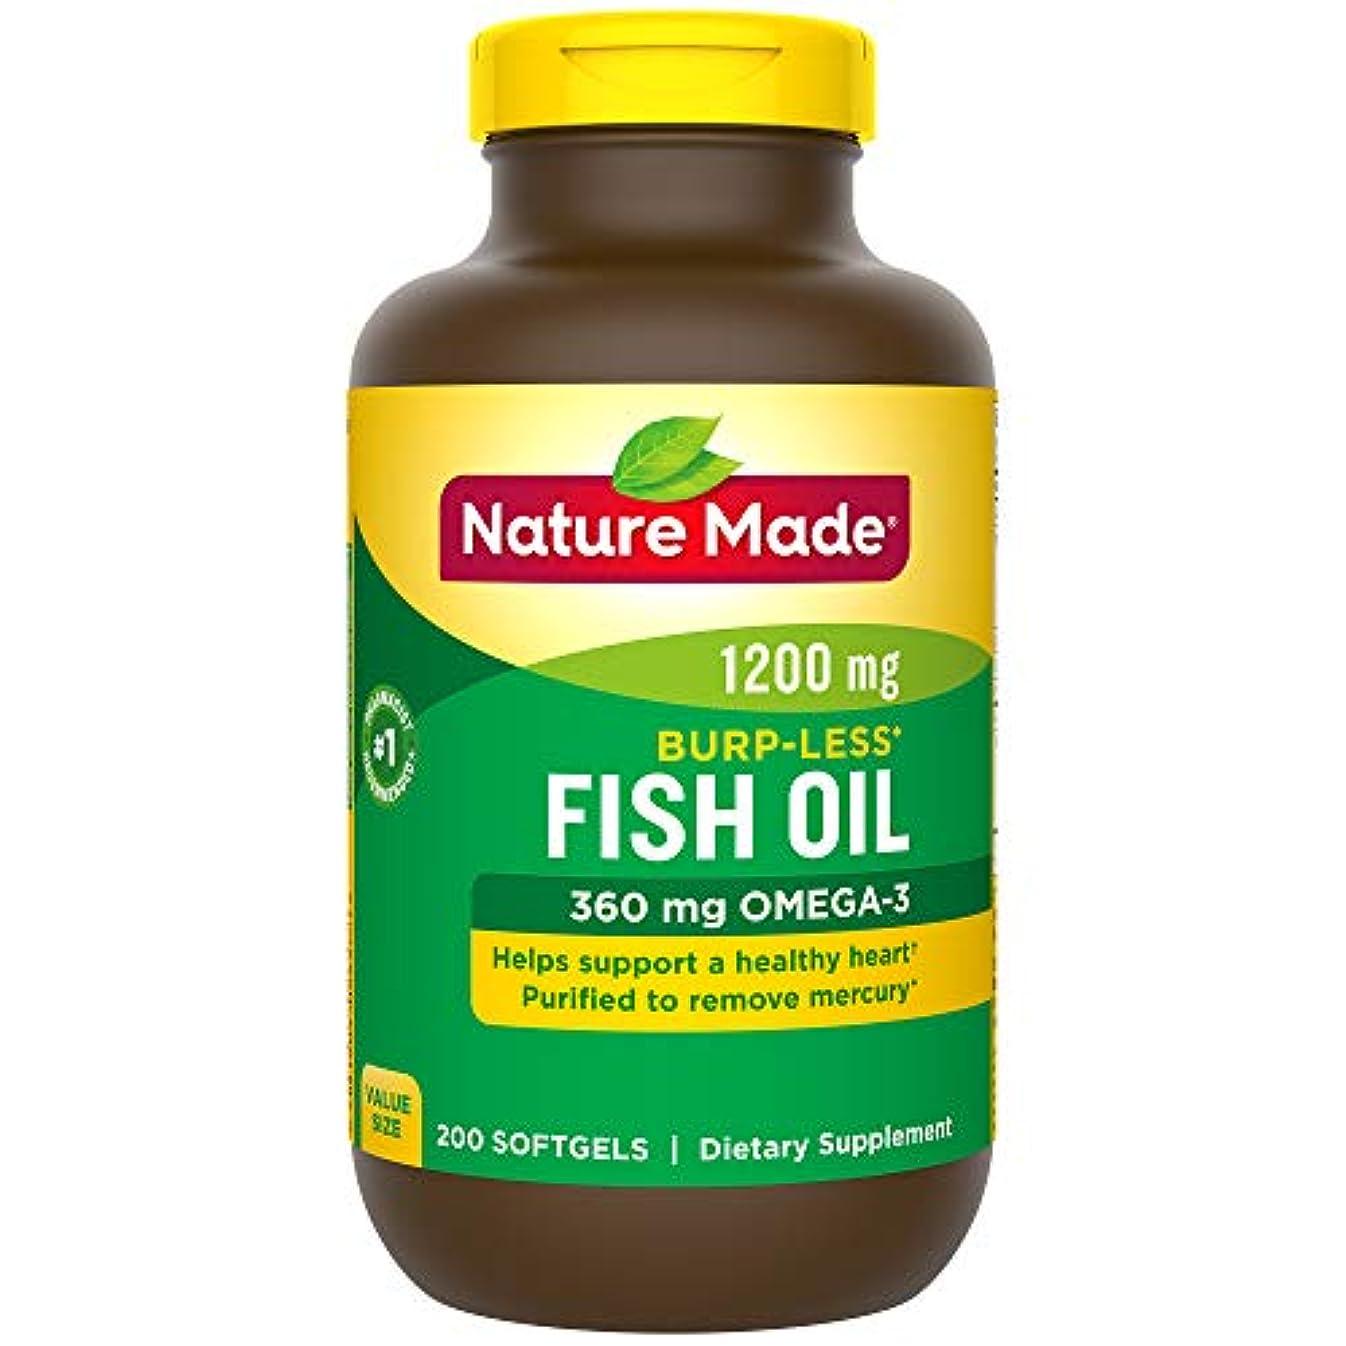 グリース刈り取るさようならNature Made Fish Oil 1200 Mg Burp-less, Value Size, 200-Count 海外直送品